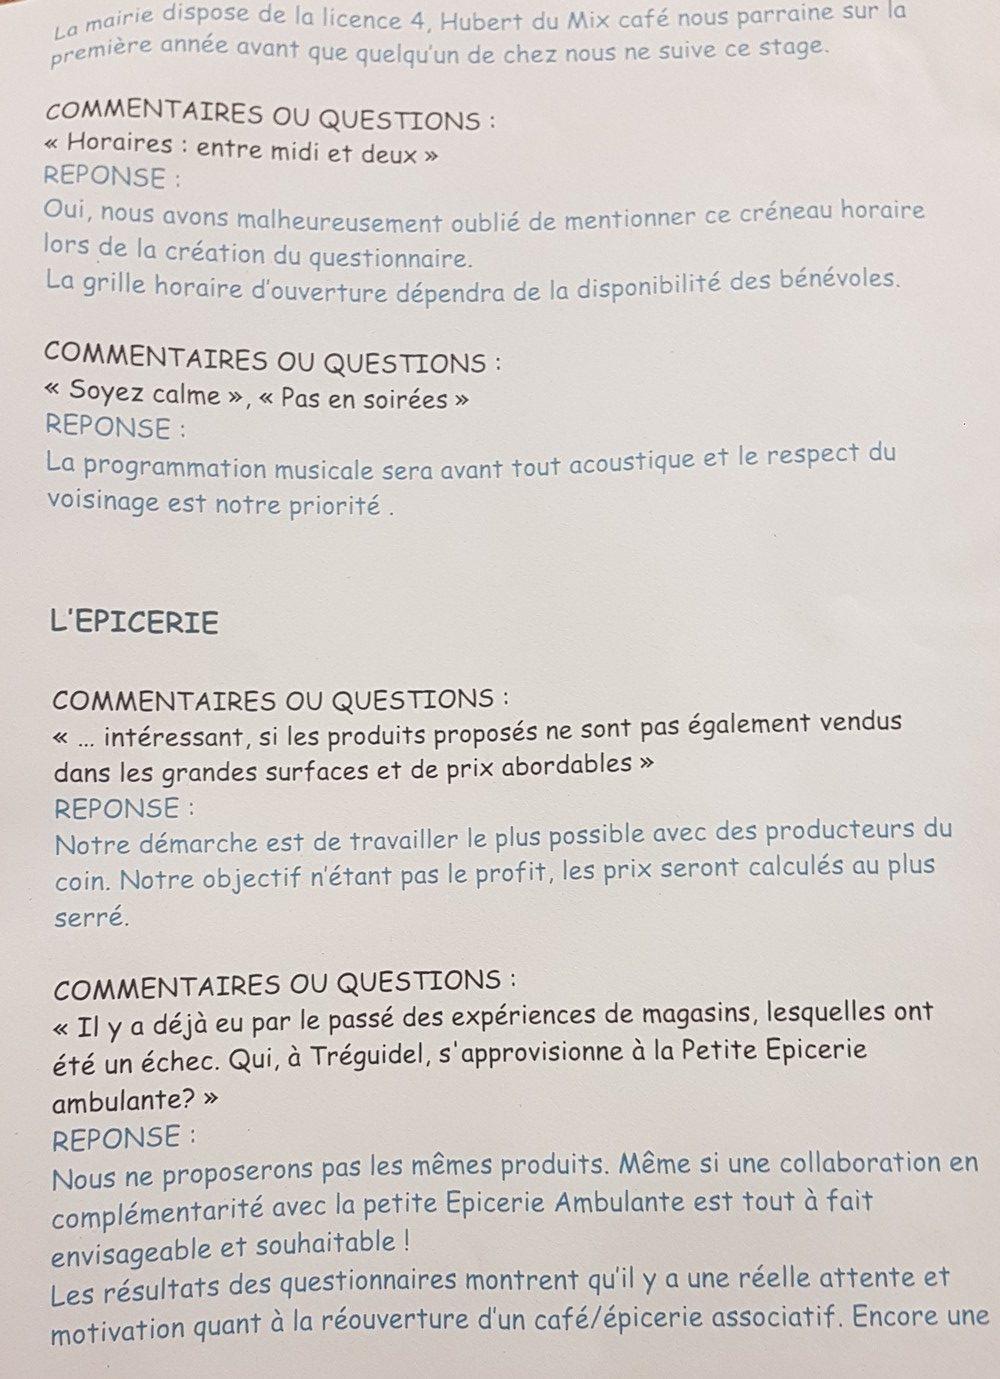 commentaires-questionnaire-3